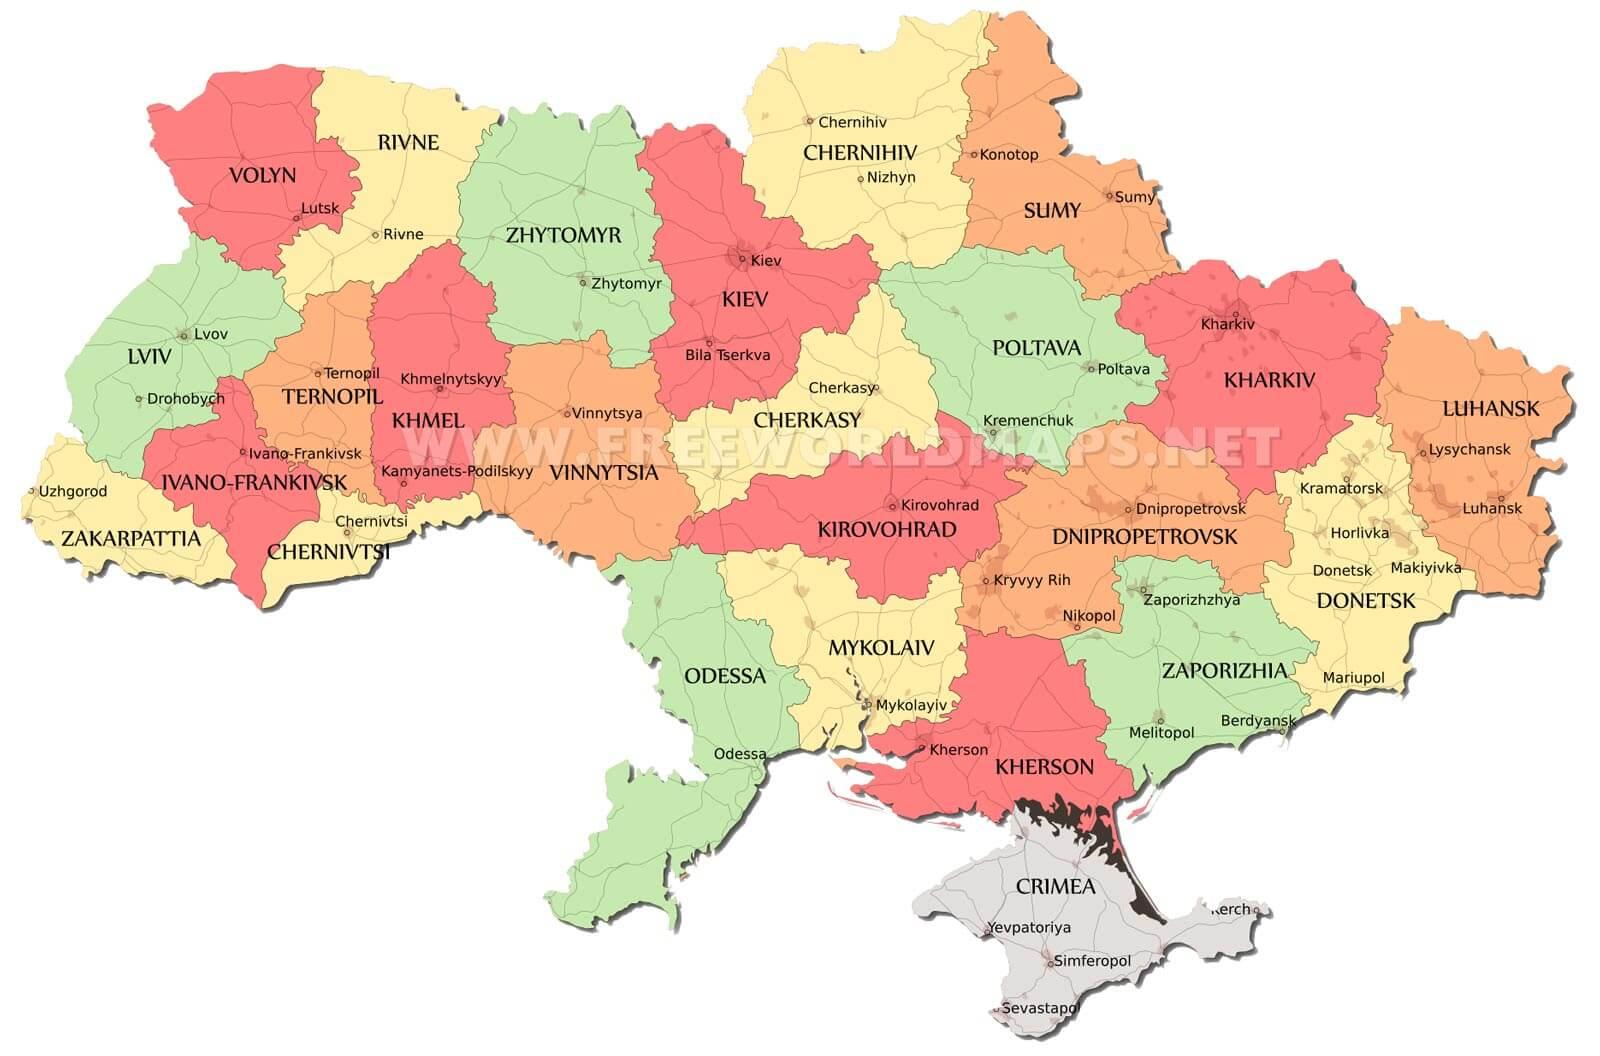 Ukraine On Map Of Europe.Ukraine Maps By Freeworldmaps Net